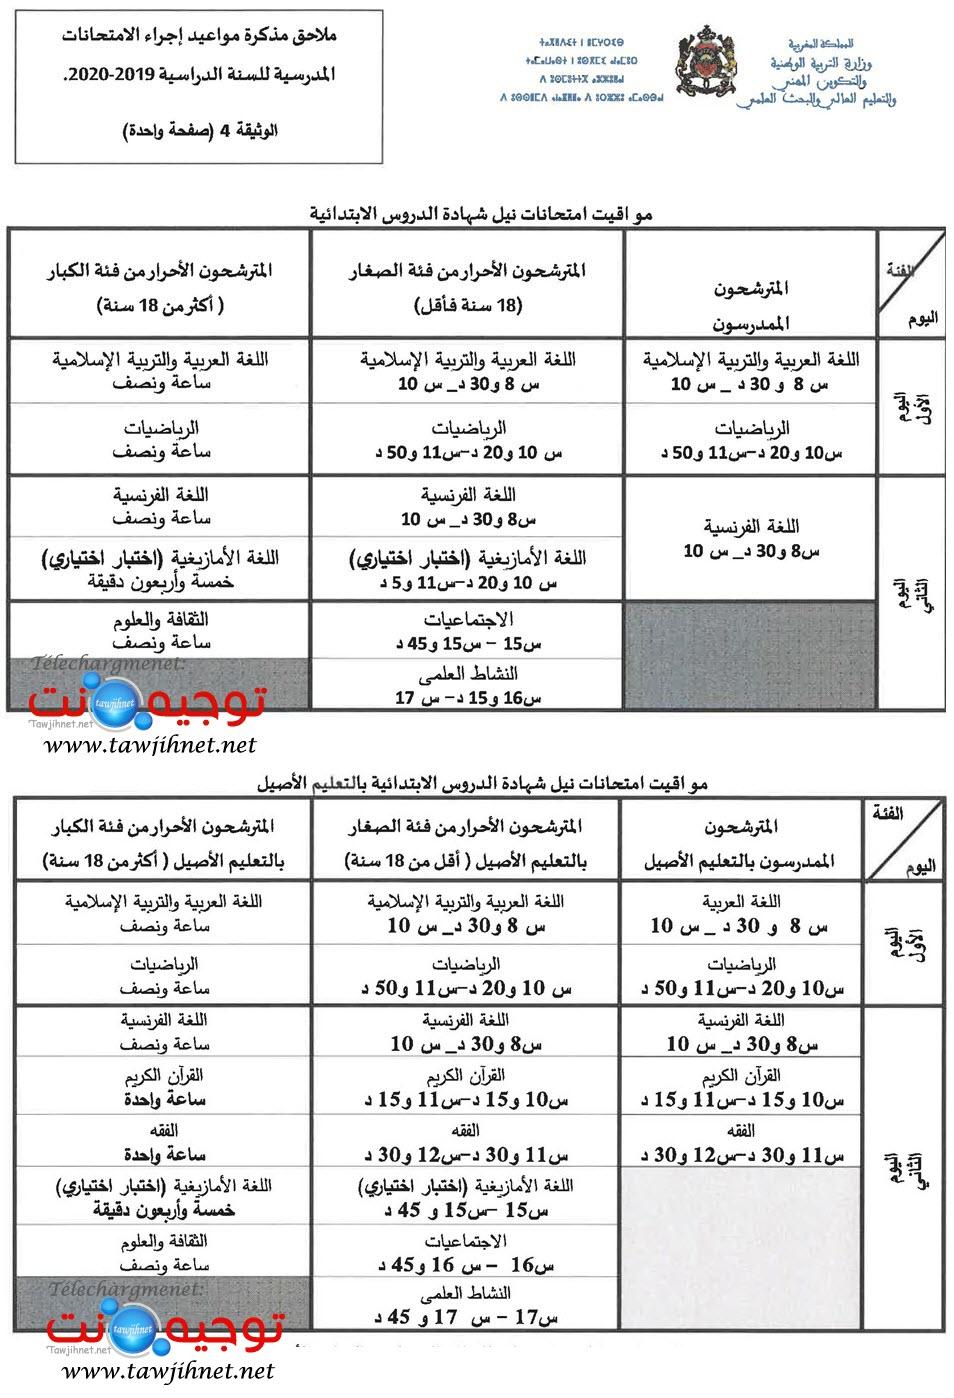 primaire-examen-2020_Page_7.jpg